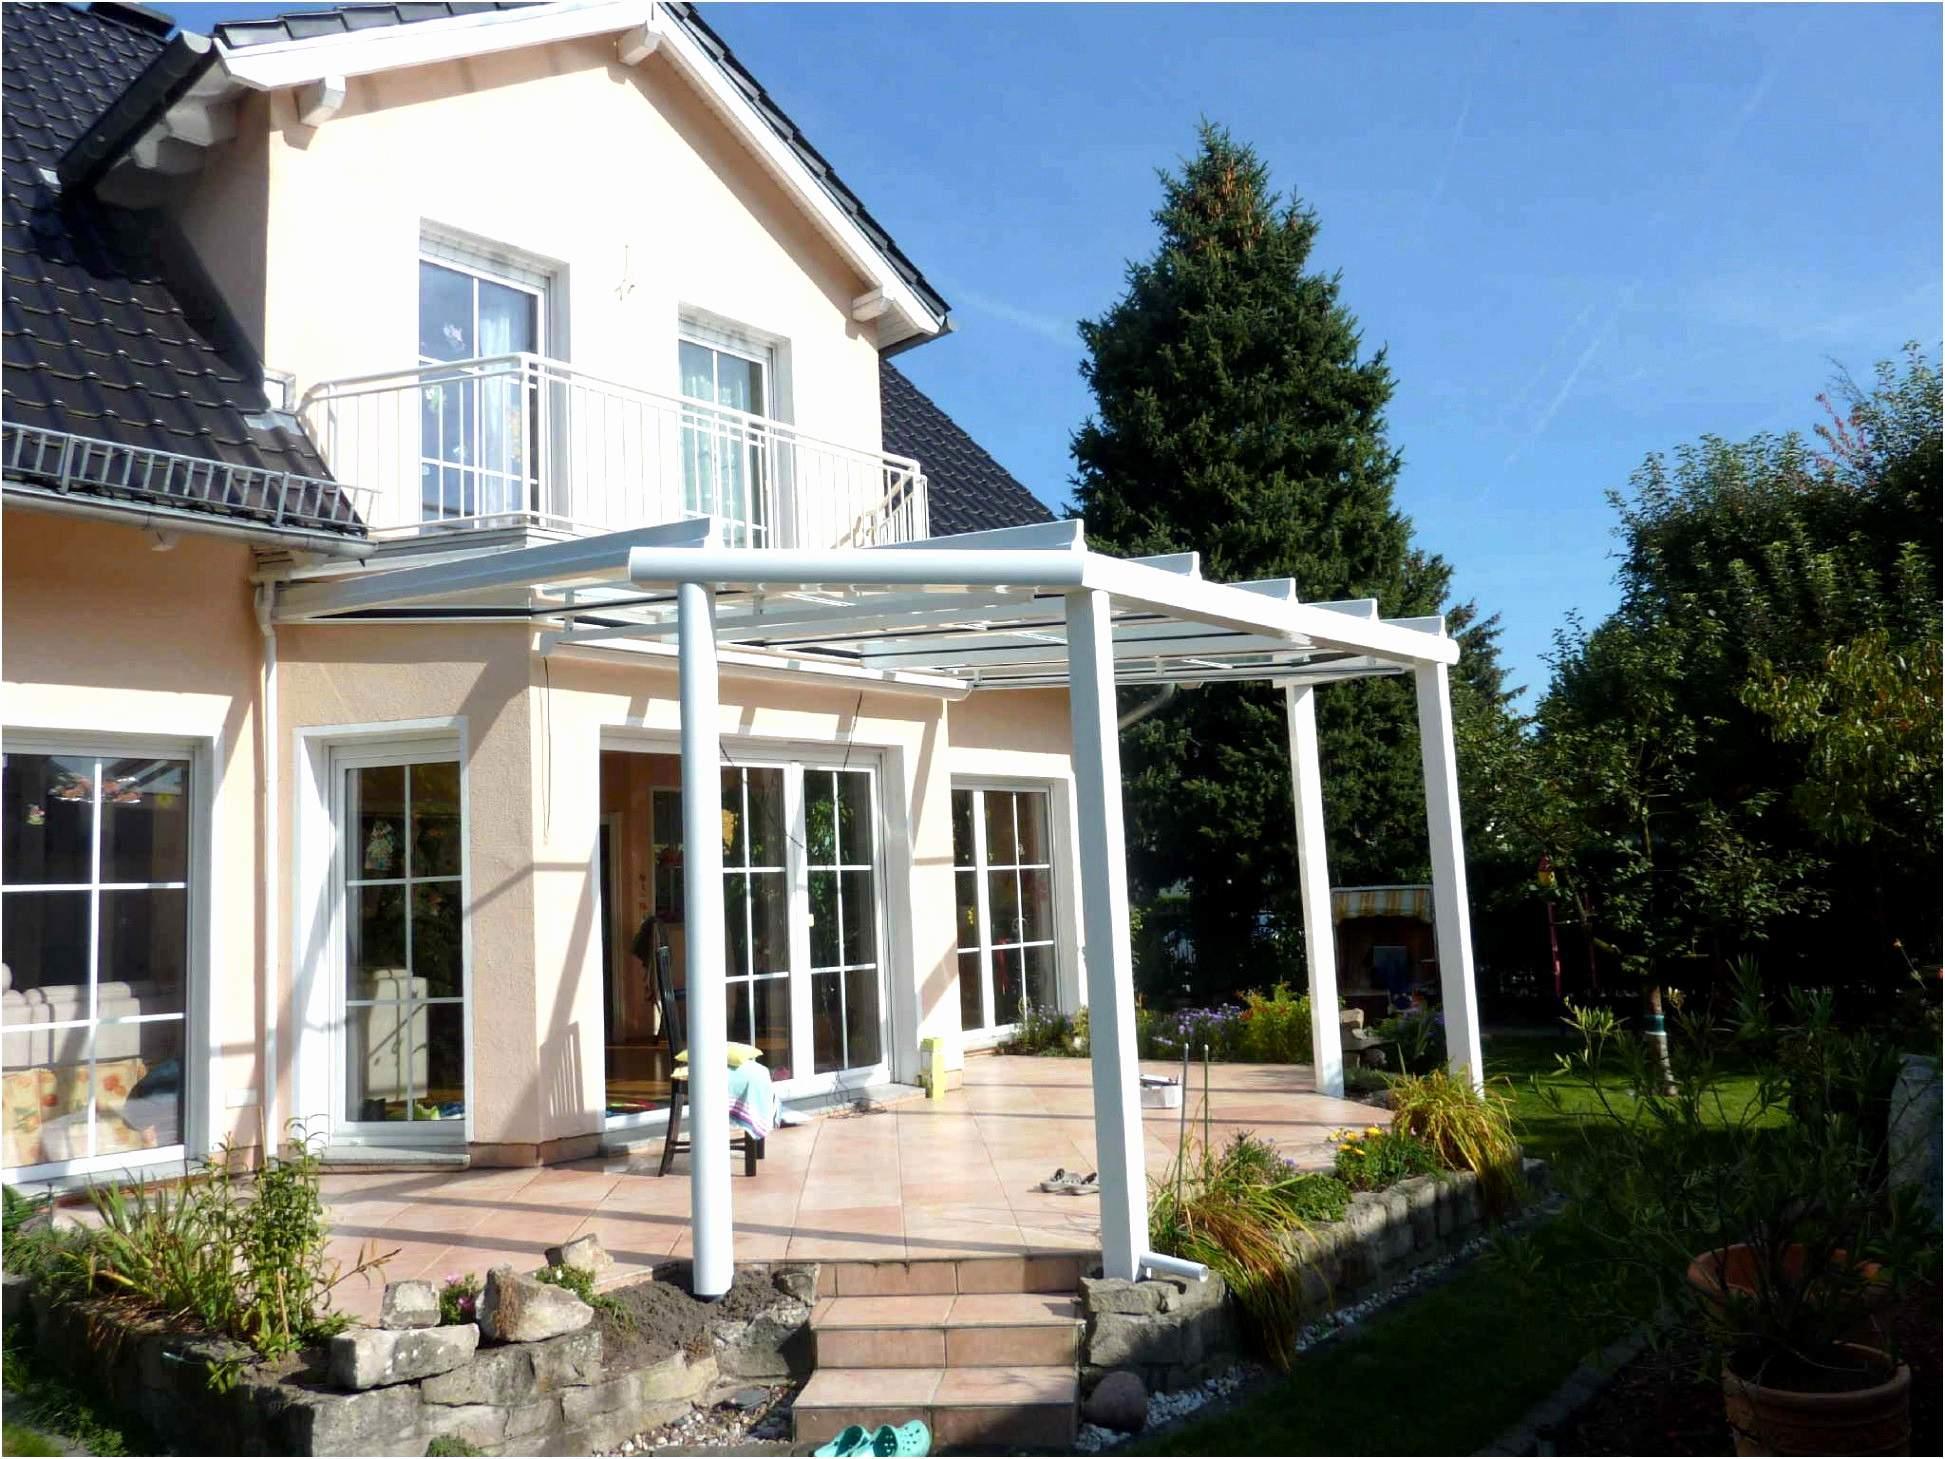 garten terrasse gestalten genial terrasse bauen kosten dc29fc28cc288 kosten fur den terrassenbau 2020 of garten terrasse gestalten